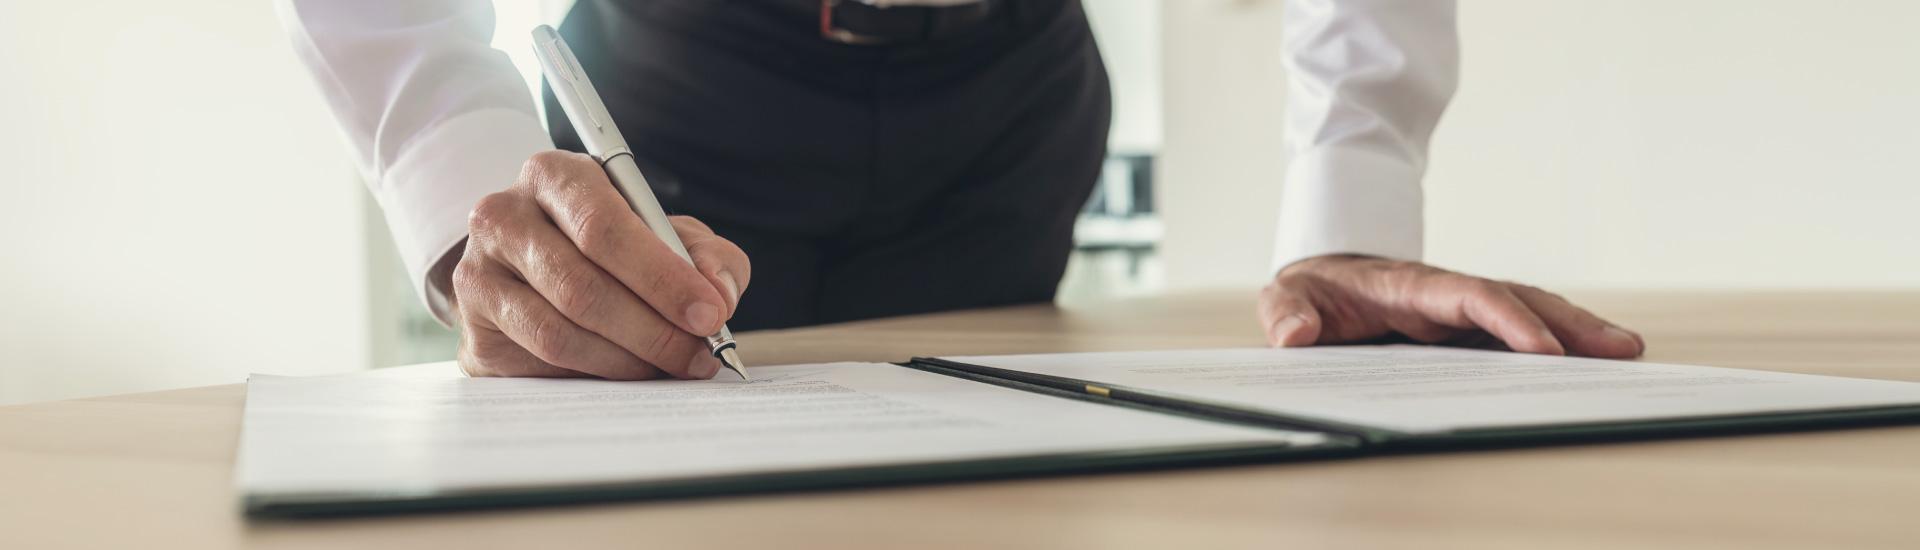 Gestión de contratos giga uno